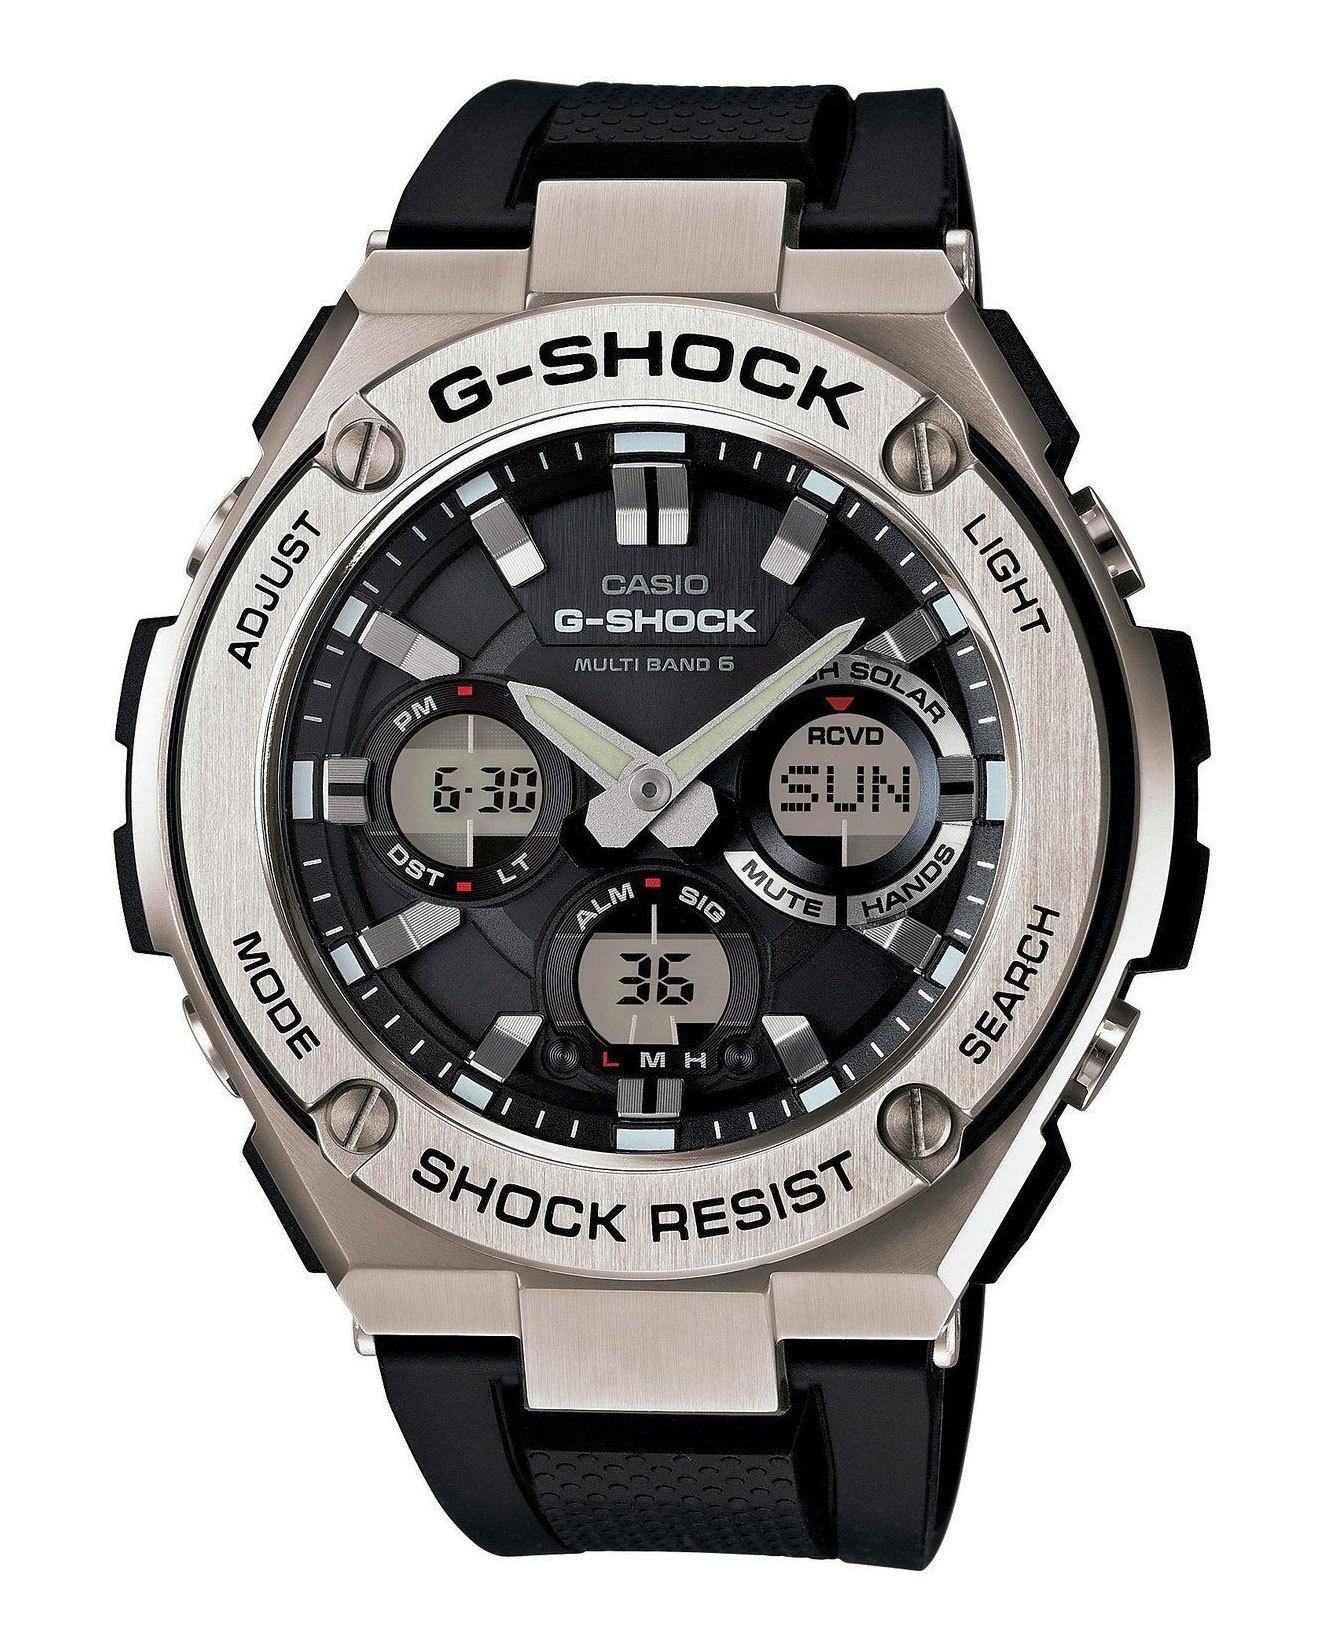 Casio G-SHOCK GST-W110-1A / GST-W110-1AER - мужские наручные часыCasio<br><br><br>Бренд: Casio<br>Модель: Casio GST-W110-1A<br>Артикул: GST-W110-1A<br>Вариант артикула: GST-W110-1AER<br>Коллекция: G-SHOCK<br>Подколлекция: None<br>Страна: Япония<br>Пол: мужские<br>Тип механизма: кварцевые<br>Механизм: None<br>Количество камней: None<br>Автоподзавод: None<br>Источник энергии: от батарейки<br>Срок службы элемента питания: None<br>Дисплей: стрелки + цифры<br>Цифры: None<br>Водозащита: WR 200<br>Противоударные: есть<br>Материал корпуса: сталь<br>Материал браслета: каучук<br>Материал безеля: None<br>Стекло: минеральное<br>Антибликовое покрытие: None<br>Цвет корпуса: None<br>Цвет браслета: None<br>Цвет циферблата: None<br>Цвет безеля: None<br>Размеры: 52.4x59.1x16.1 мм<br>Диаметр: None<br>Диаметр корпуса: None<br>Толщина: None<br>Ширина ремешка: None<br>Вес: 195 г<br>Спорт-функции: секундомер, таймер обратного отсчета<br>Подсветка: дисплея, стрелок<br>Вставка: None<br>Отображение даты: вечный календарь, число, месяц, день недели<br>Хронограф: None<br>Таймер: None<br>Термометр: None<br>Хронометр: None<br>GPS: None<br>Радиосинхронизация: None<br>Барометр: None<br>Скелетон: None<br>Дополнительная информация: None<br>Дополнительные функции: второй часовой пояс, будильник (количество установок: 5)